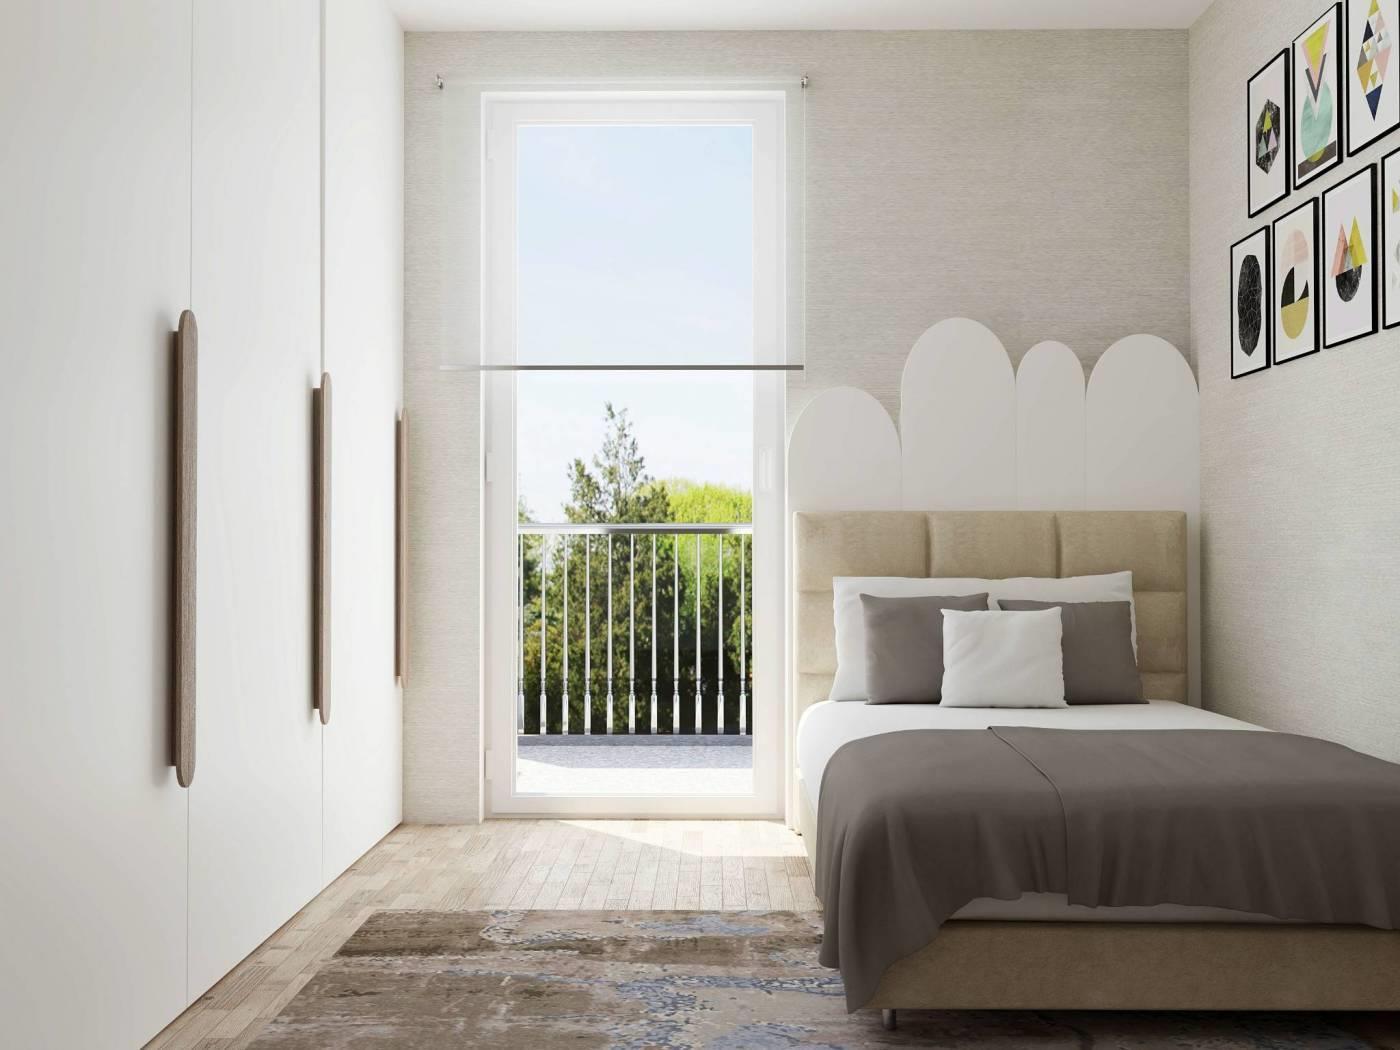 Foto 7 - Villa in Vendita - Usmate Velate (Monza e Brianza)